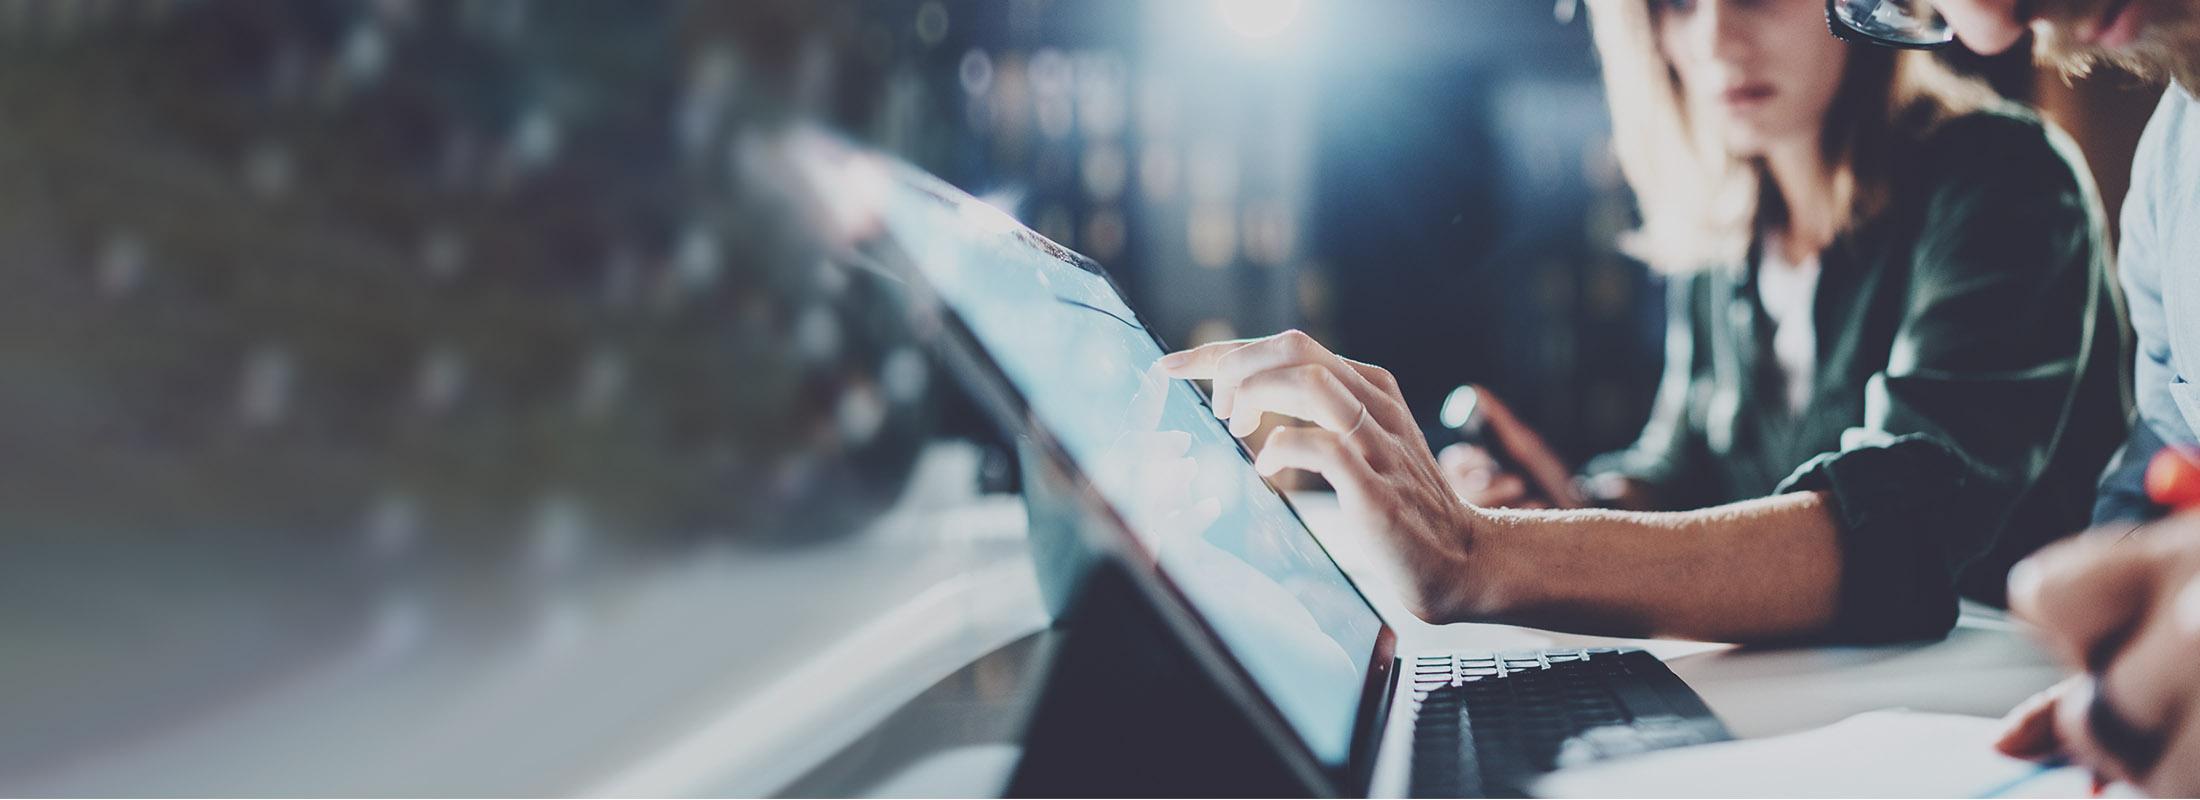 CPRO INDUSTRY SAP Basisbetreuung der Systeme